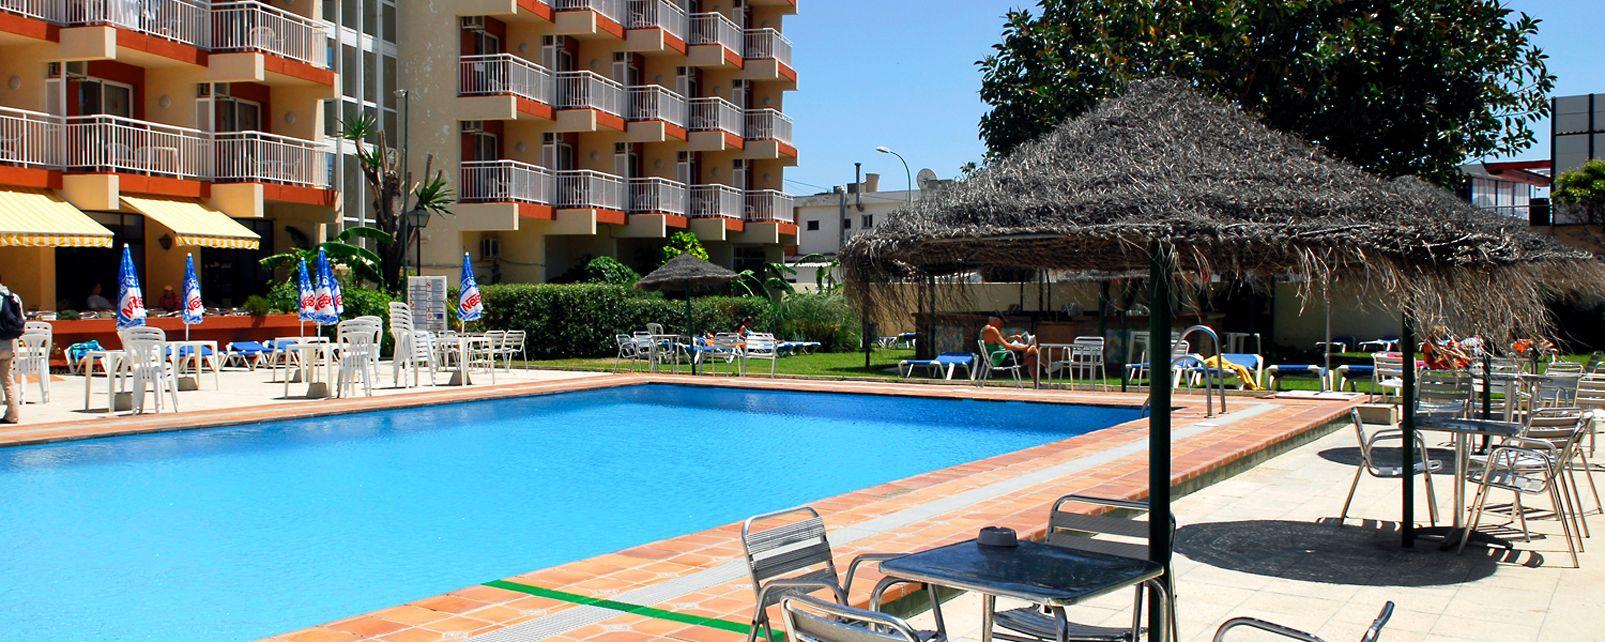 Hôtel Med Playa Balmoral